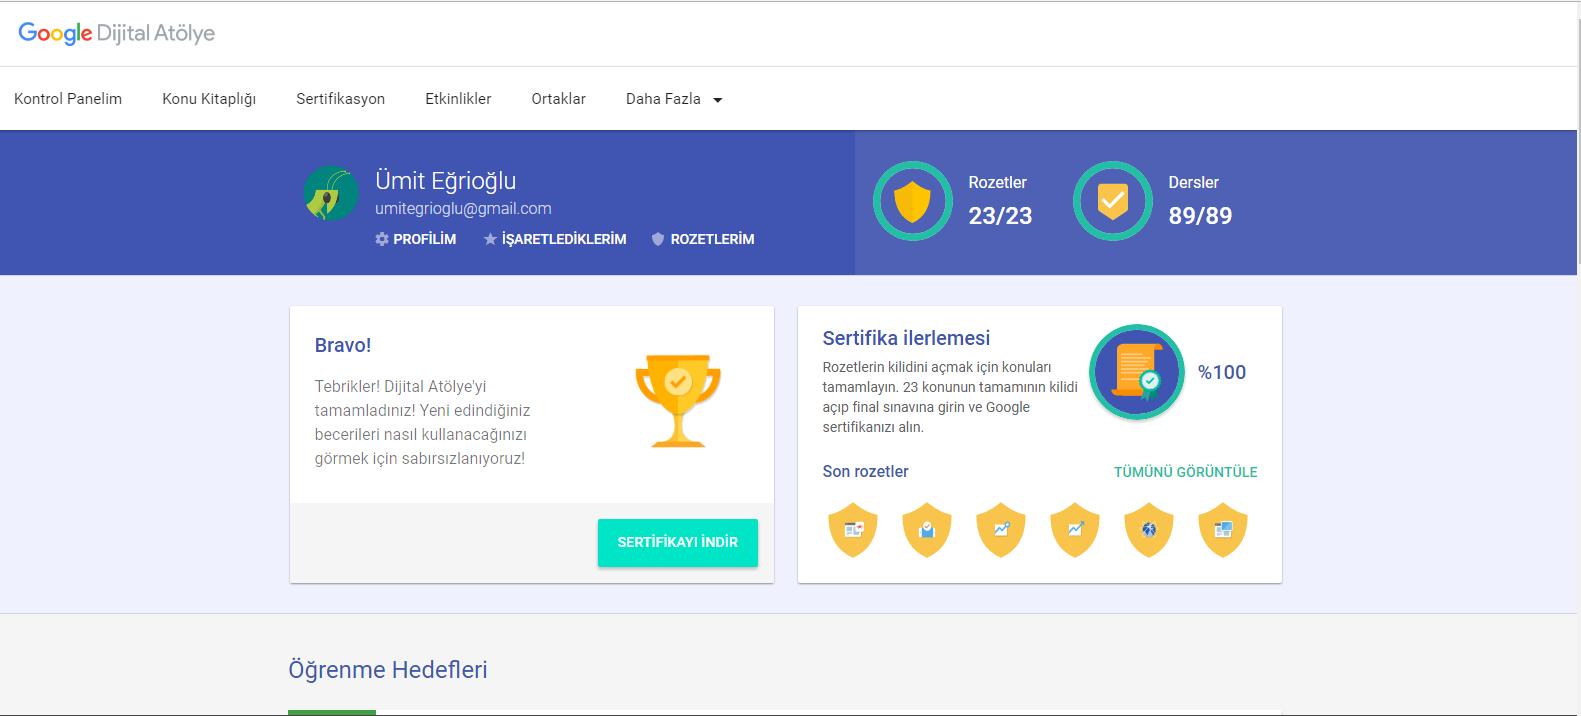 Google Dijital Atölye Sertifikası'nı ben aldım. Sınava nasıl girilir ve sertifika nasıl alınır?